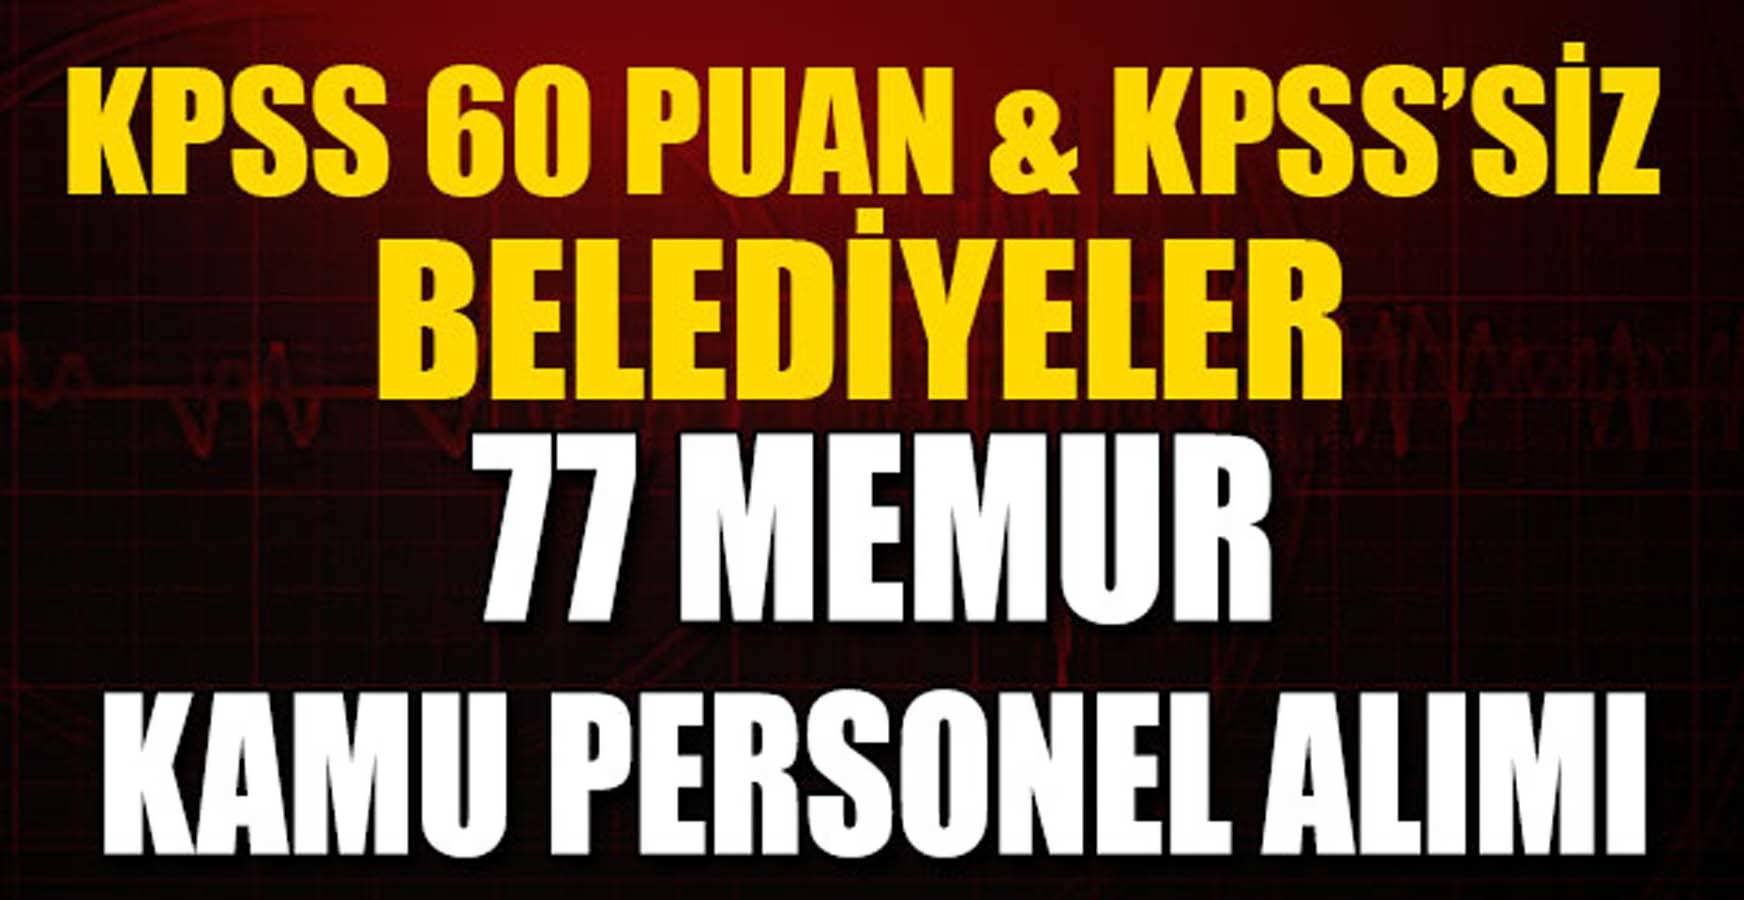 KPSS 60 Puanlı Ve KPSS' SİZ 77 Memur (Kamu Personeli) Alımı